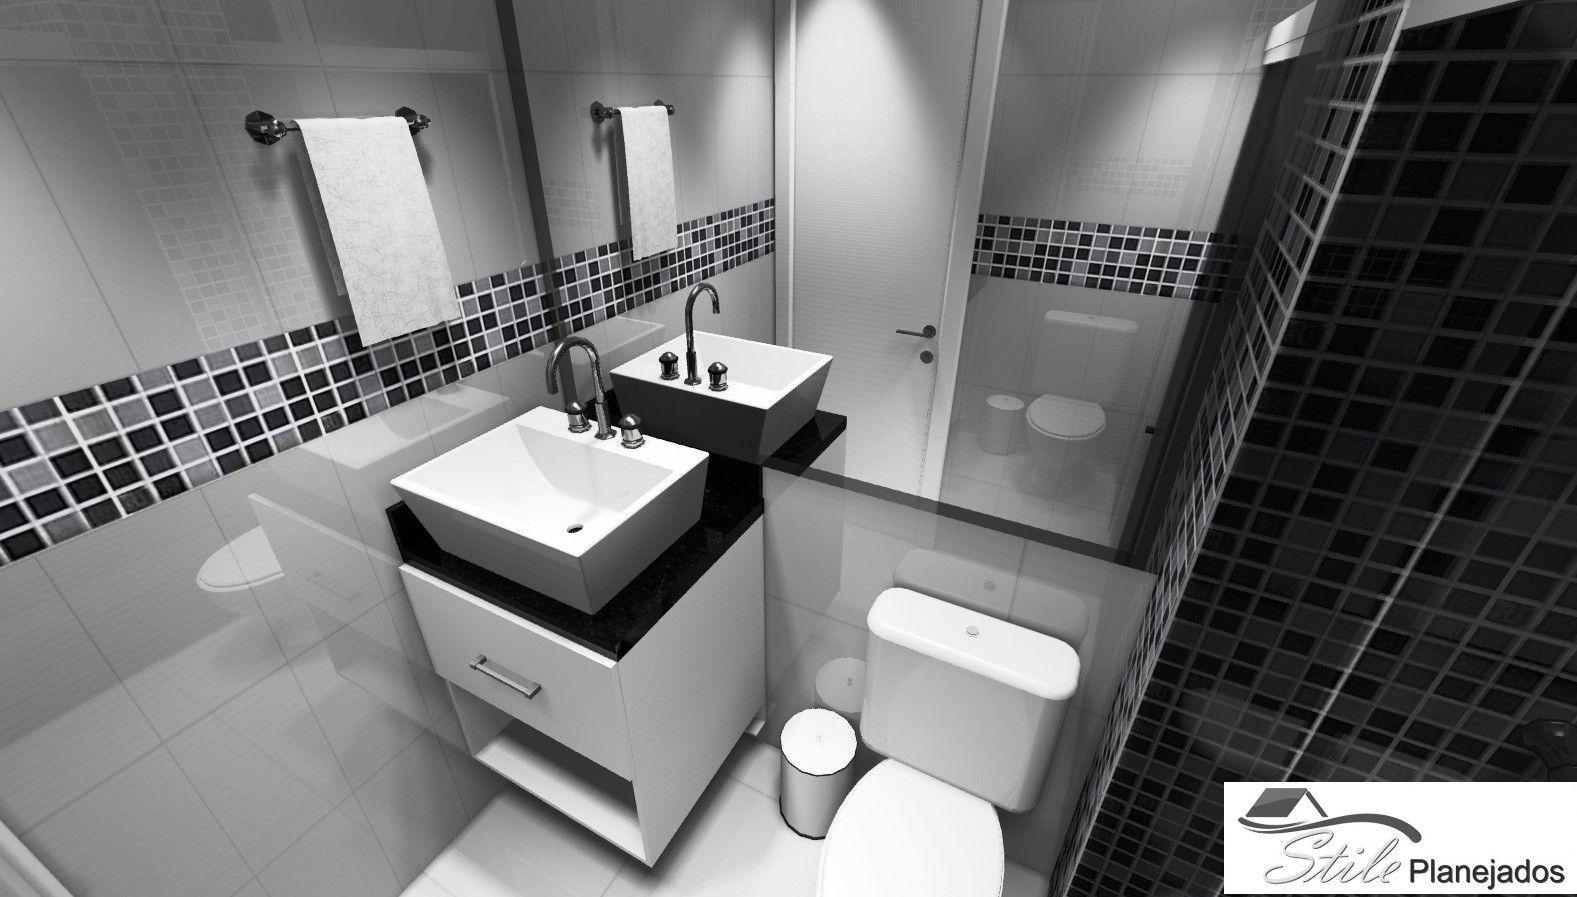 Fábrica de Banheiro Planejado Preço no Jardim Bransley - Banheiro com Móveis Planejados